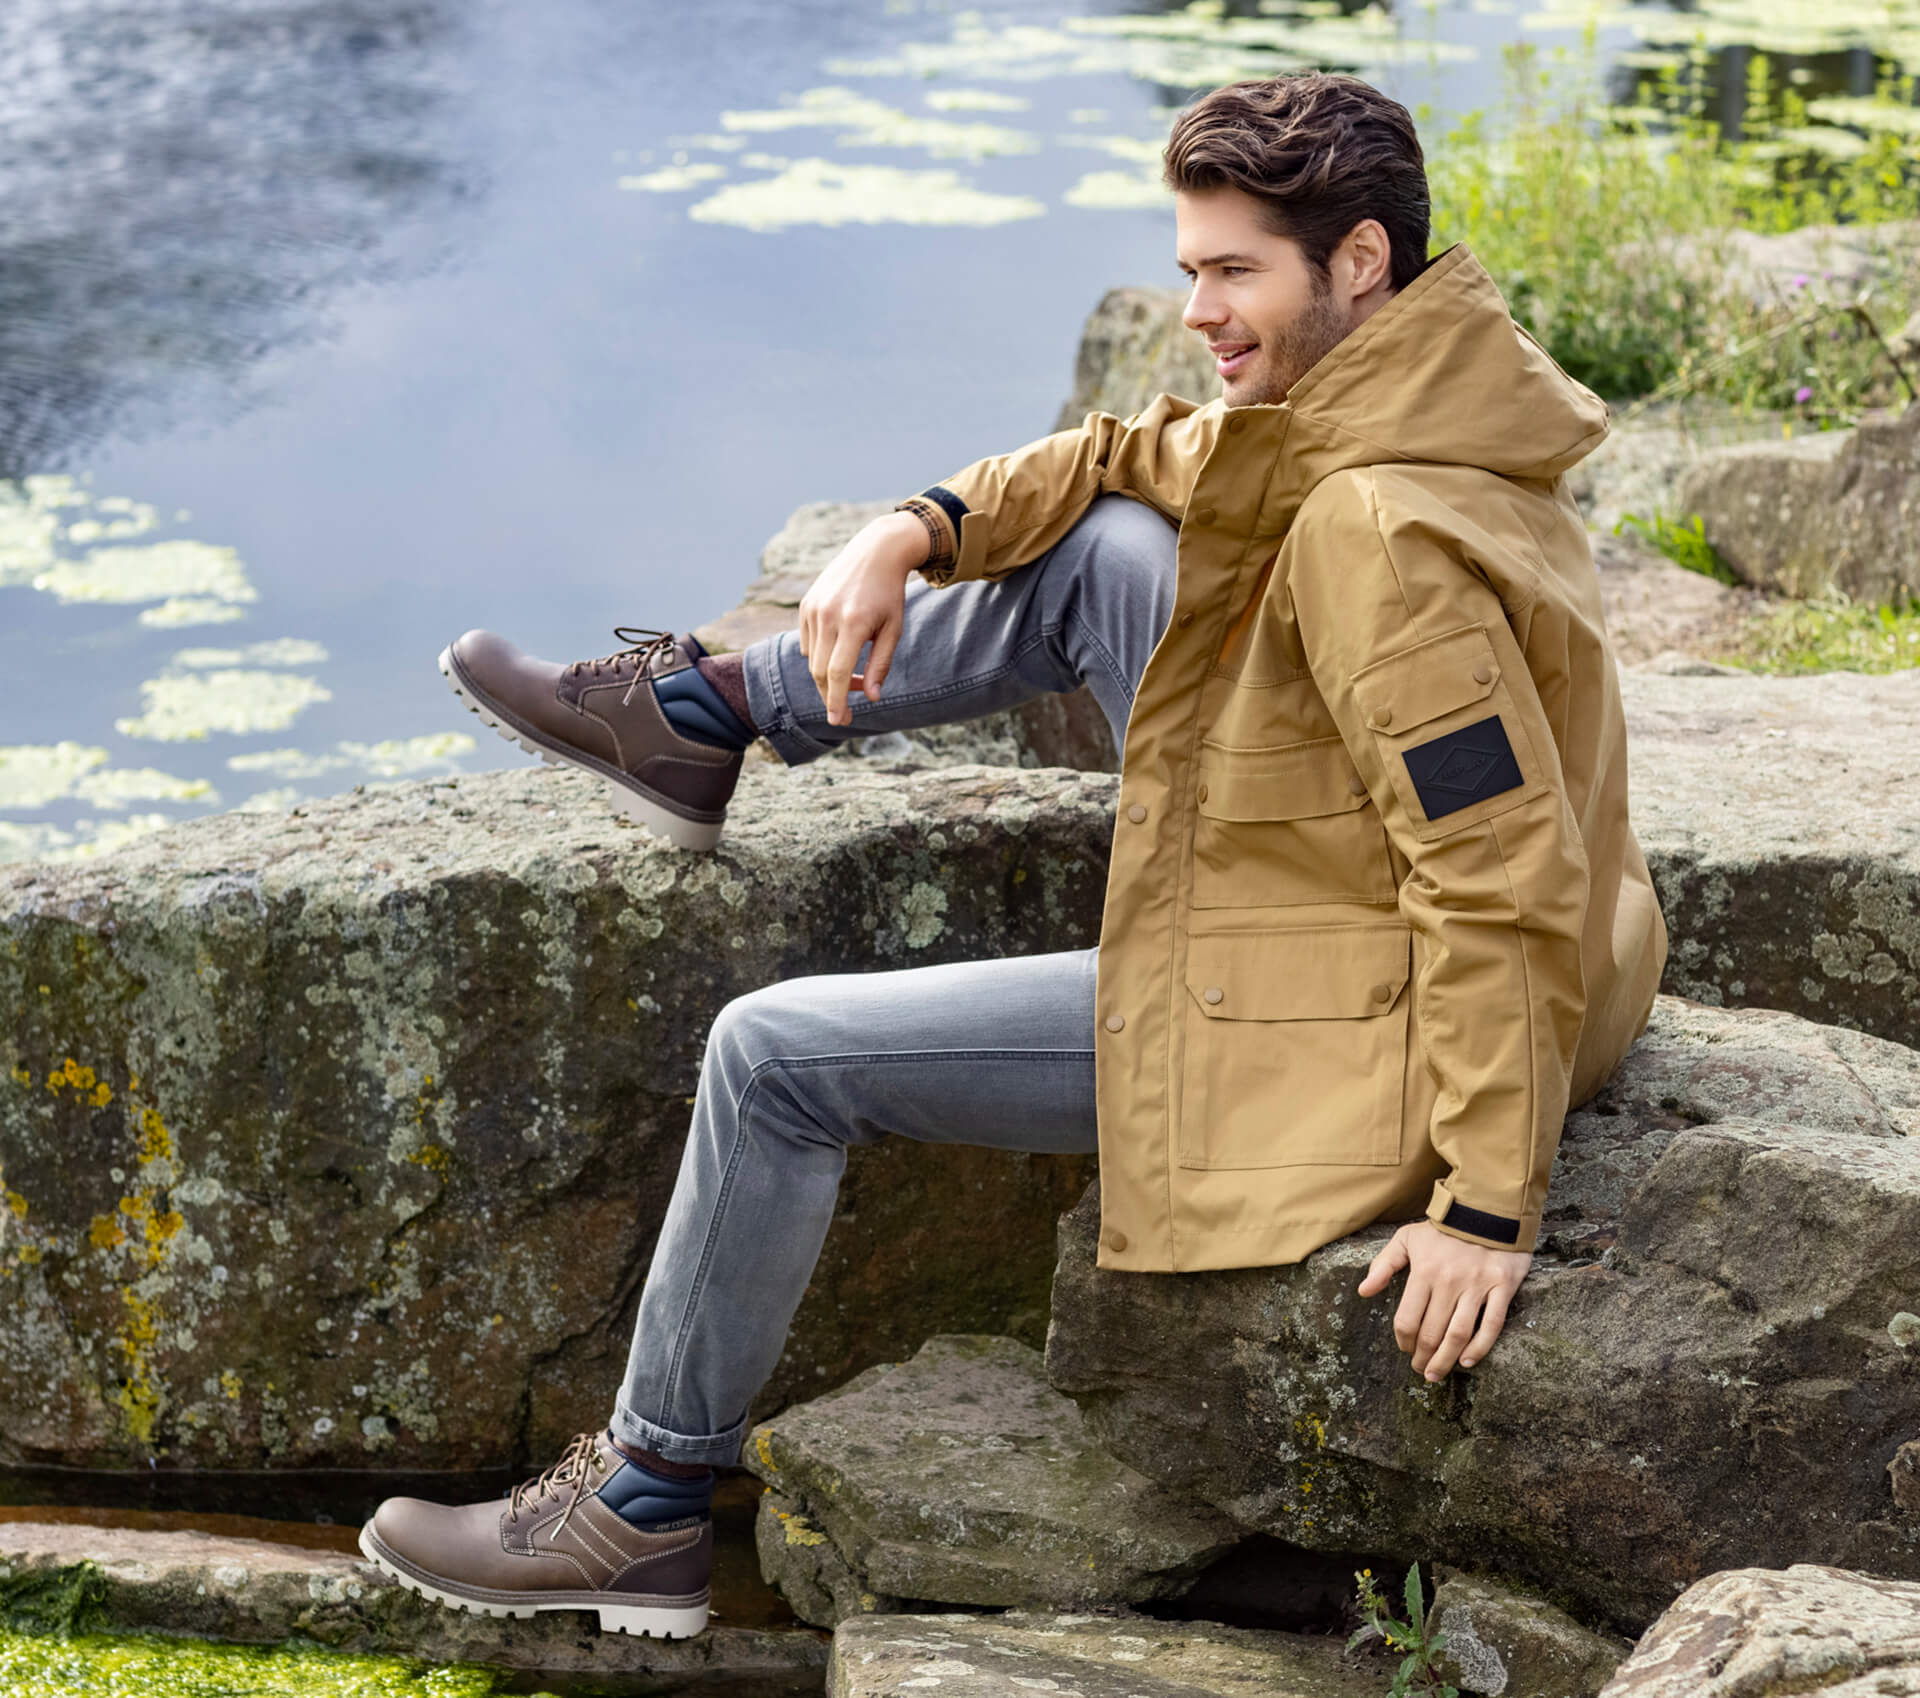 Leder-Boots für Outdoor-Looks